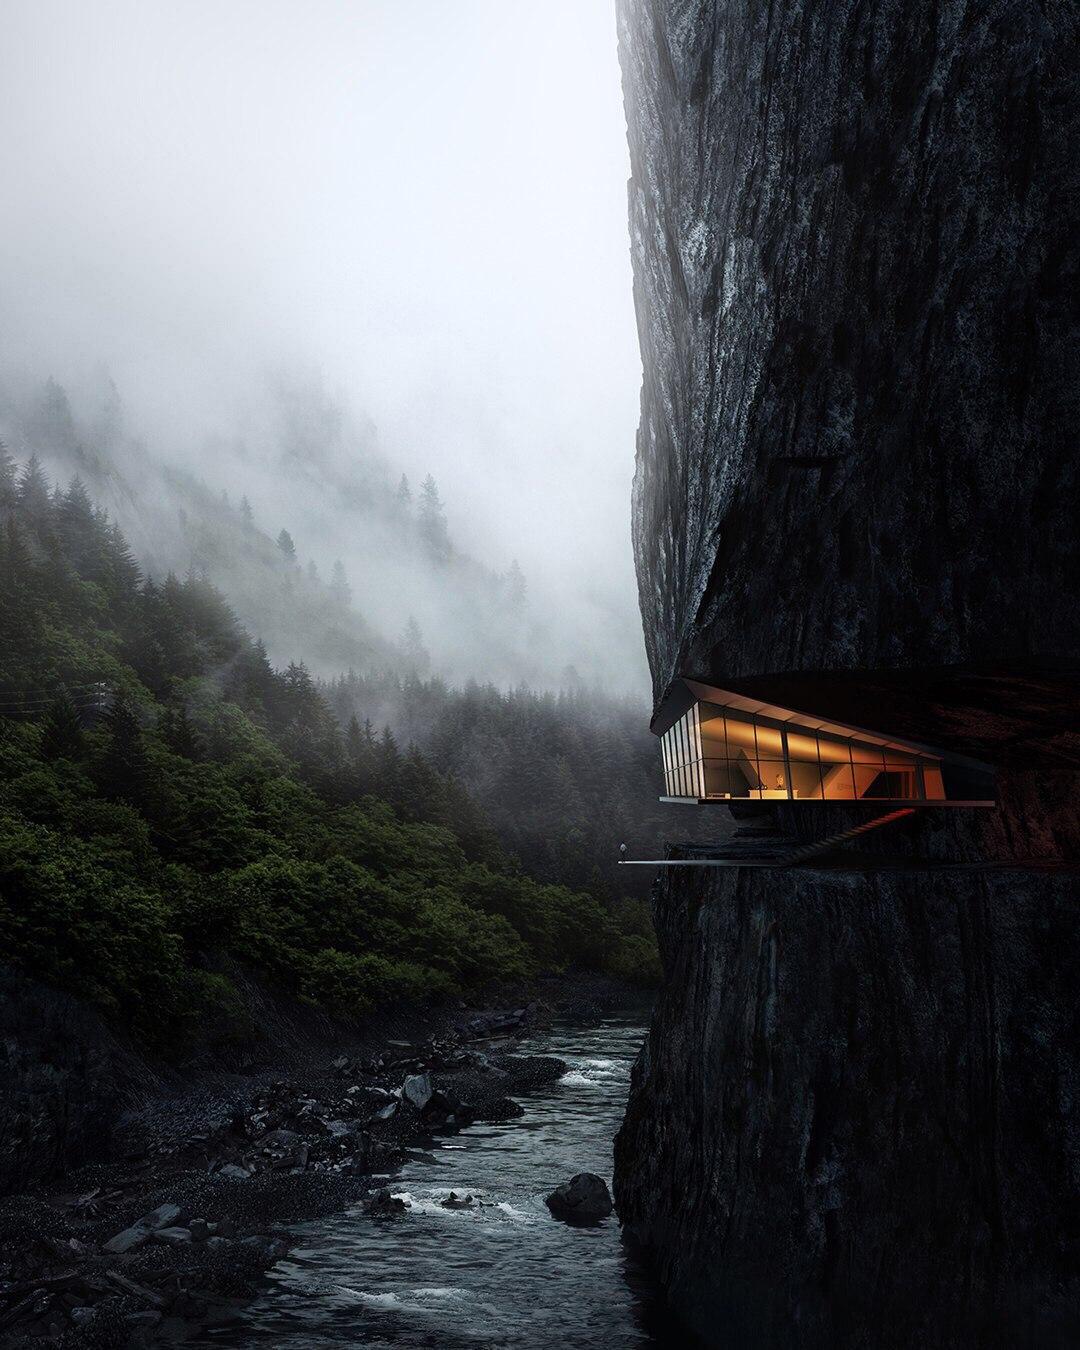 Роскошные пейзажи Норвегии - Страница 3 9Fwg35MhjG4